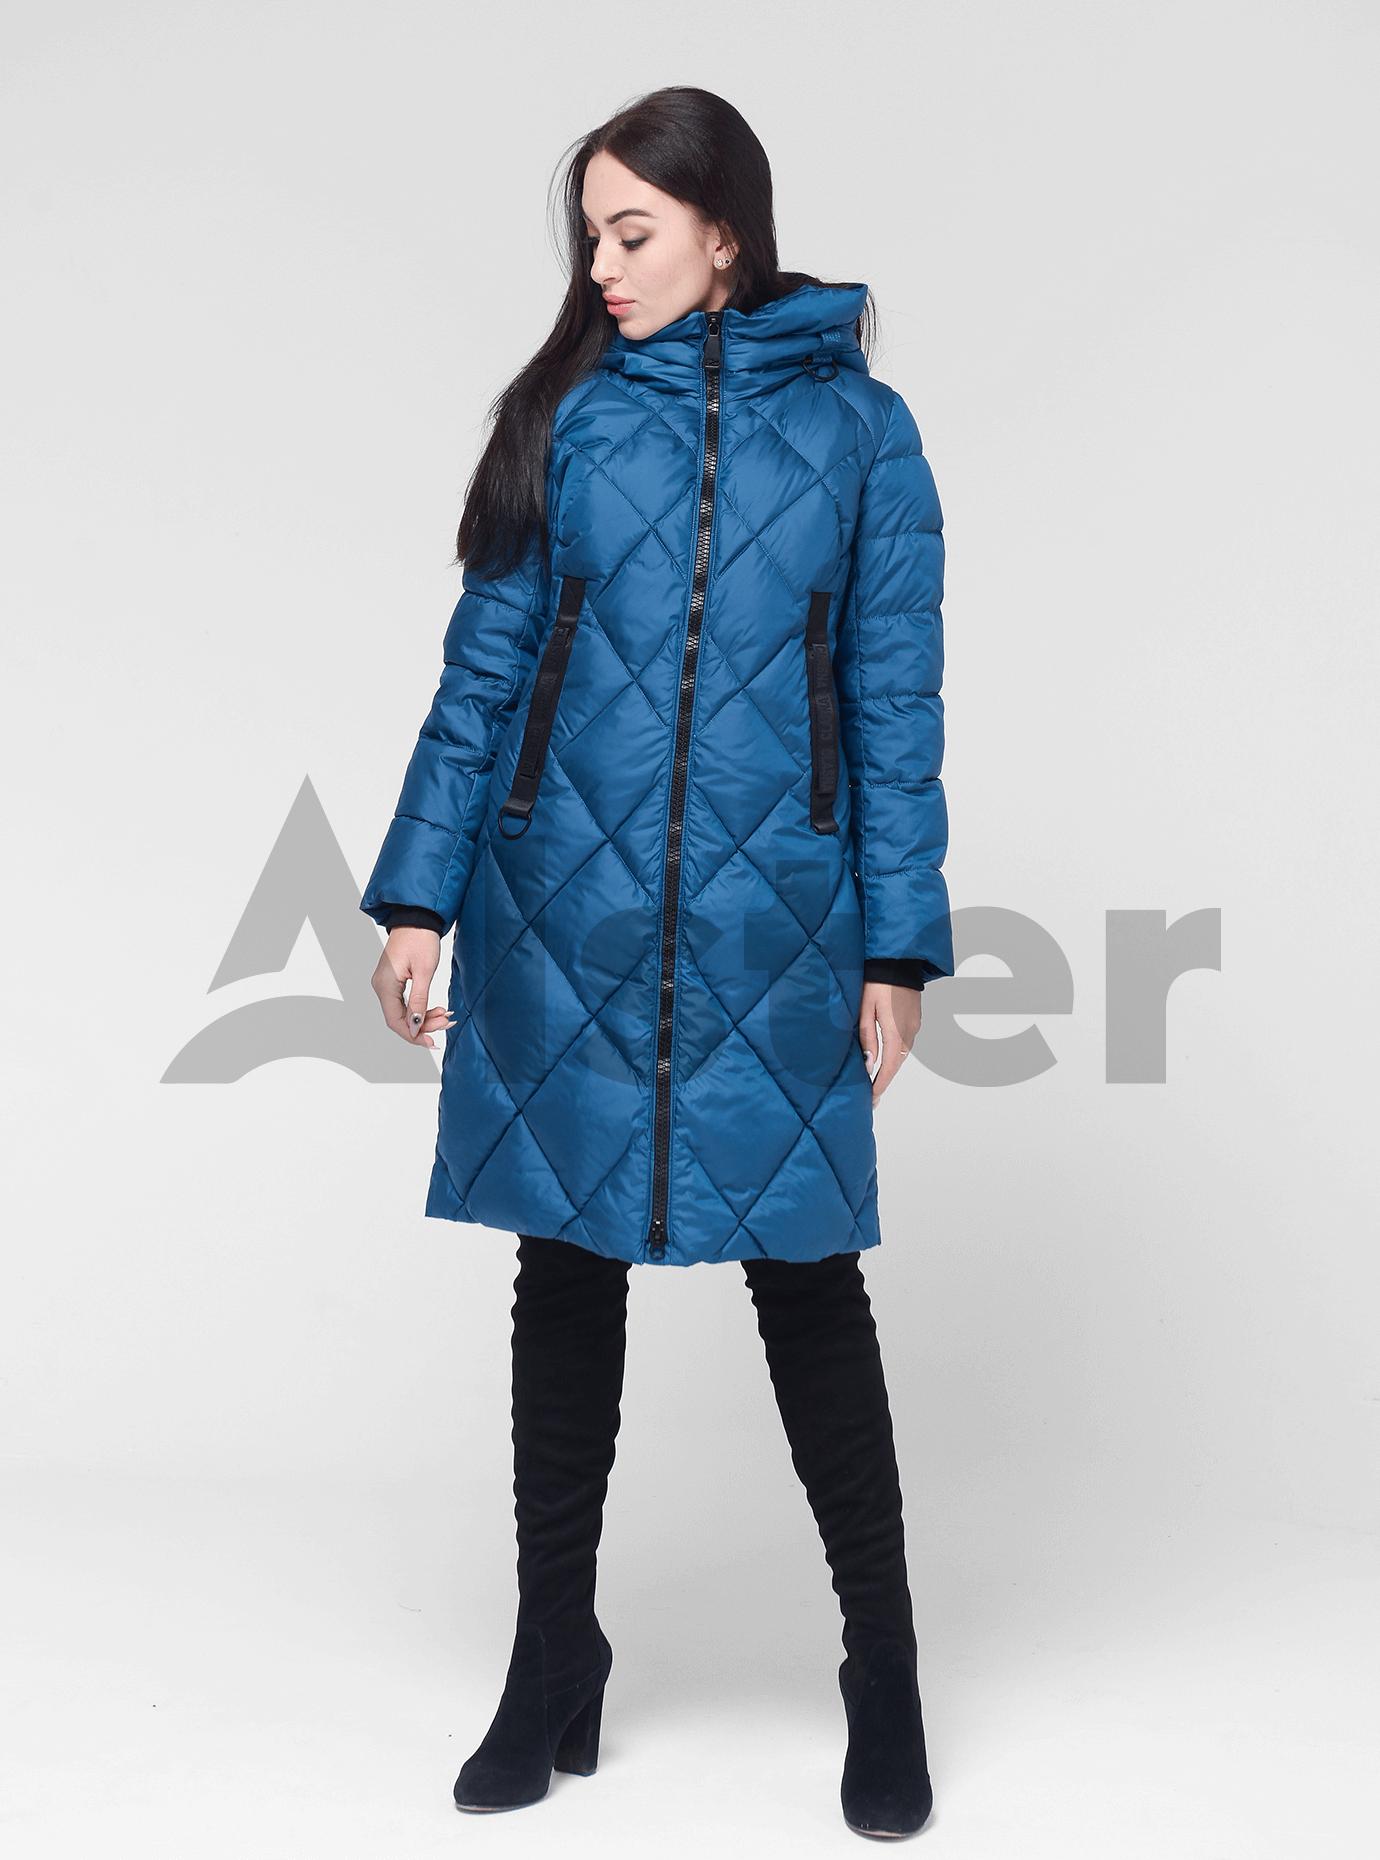 Жіноча зимова куртка Блакитний M (02-190303): фото - Alster.ua